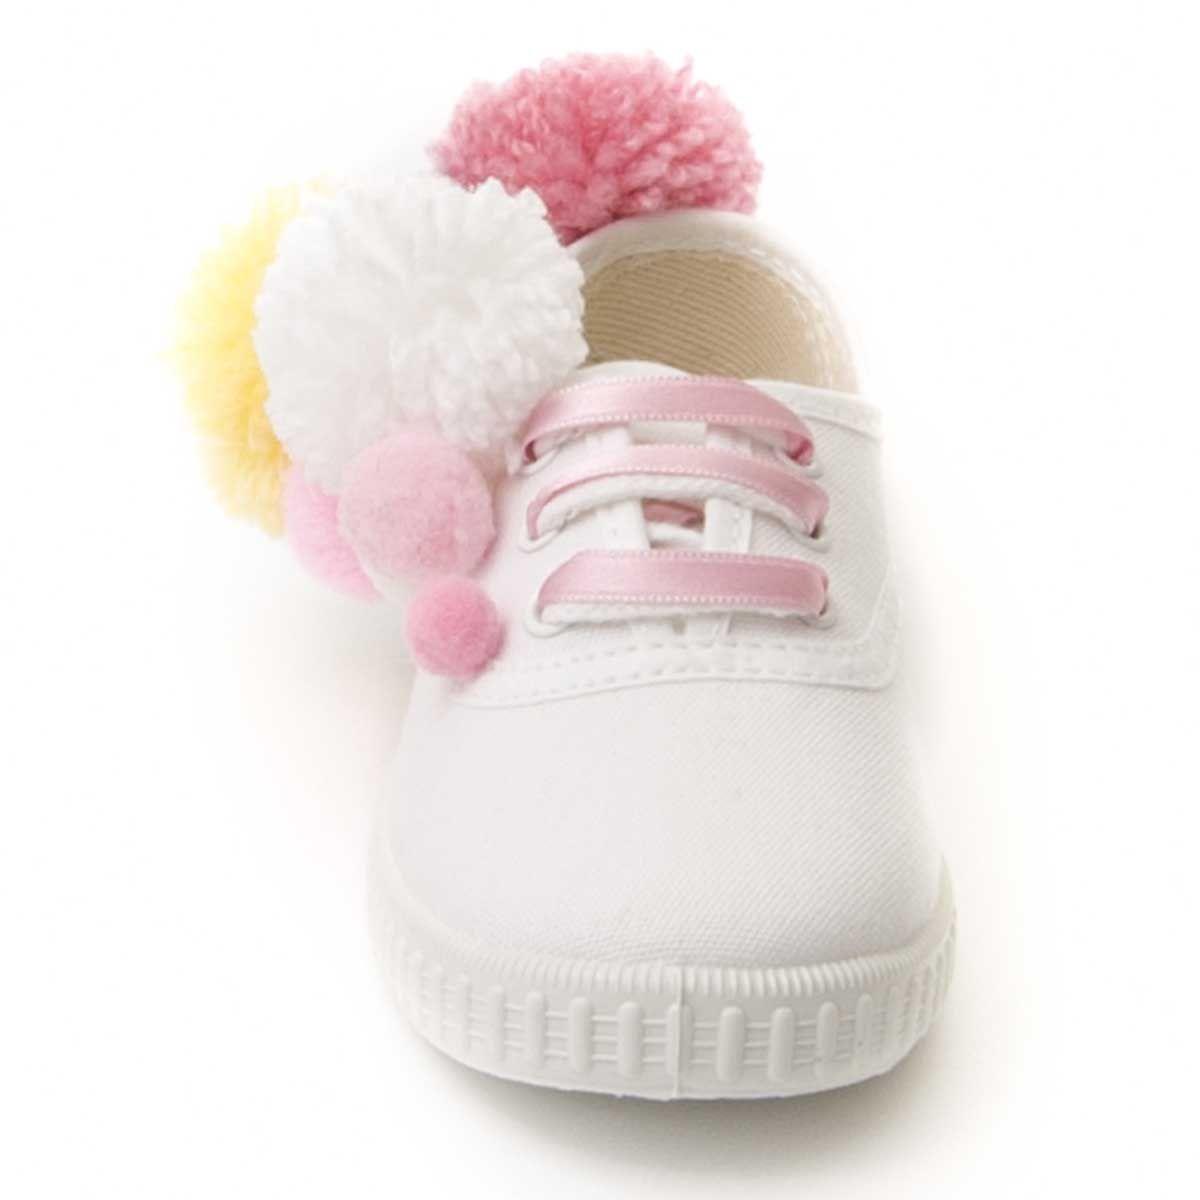 Maria Graor Pom Pom Sneaker in White